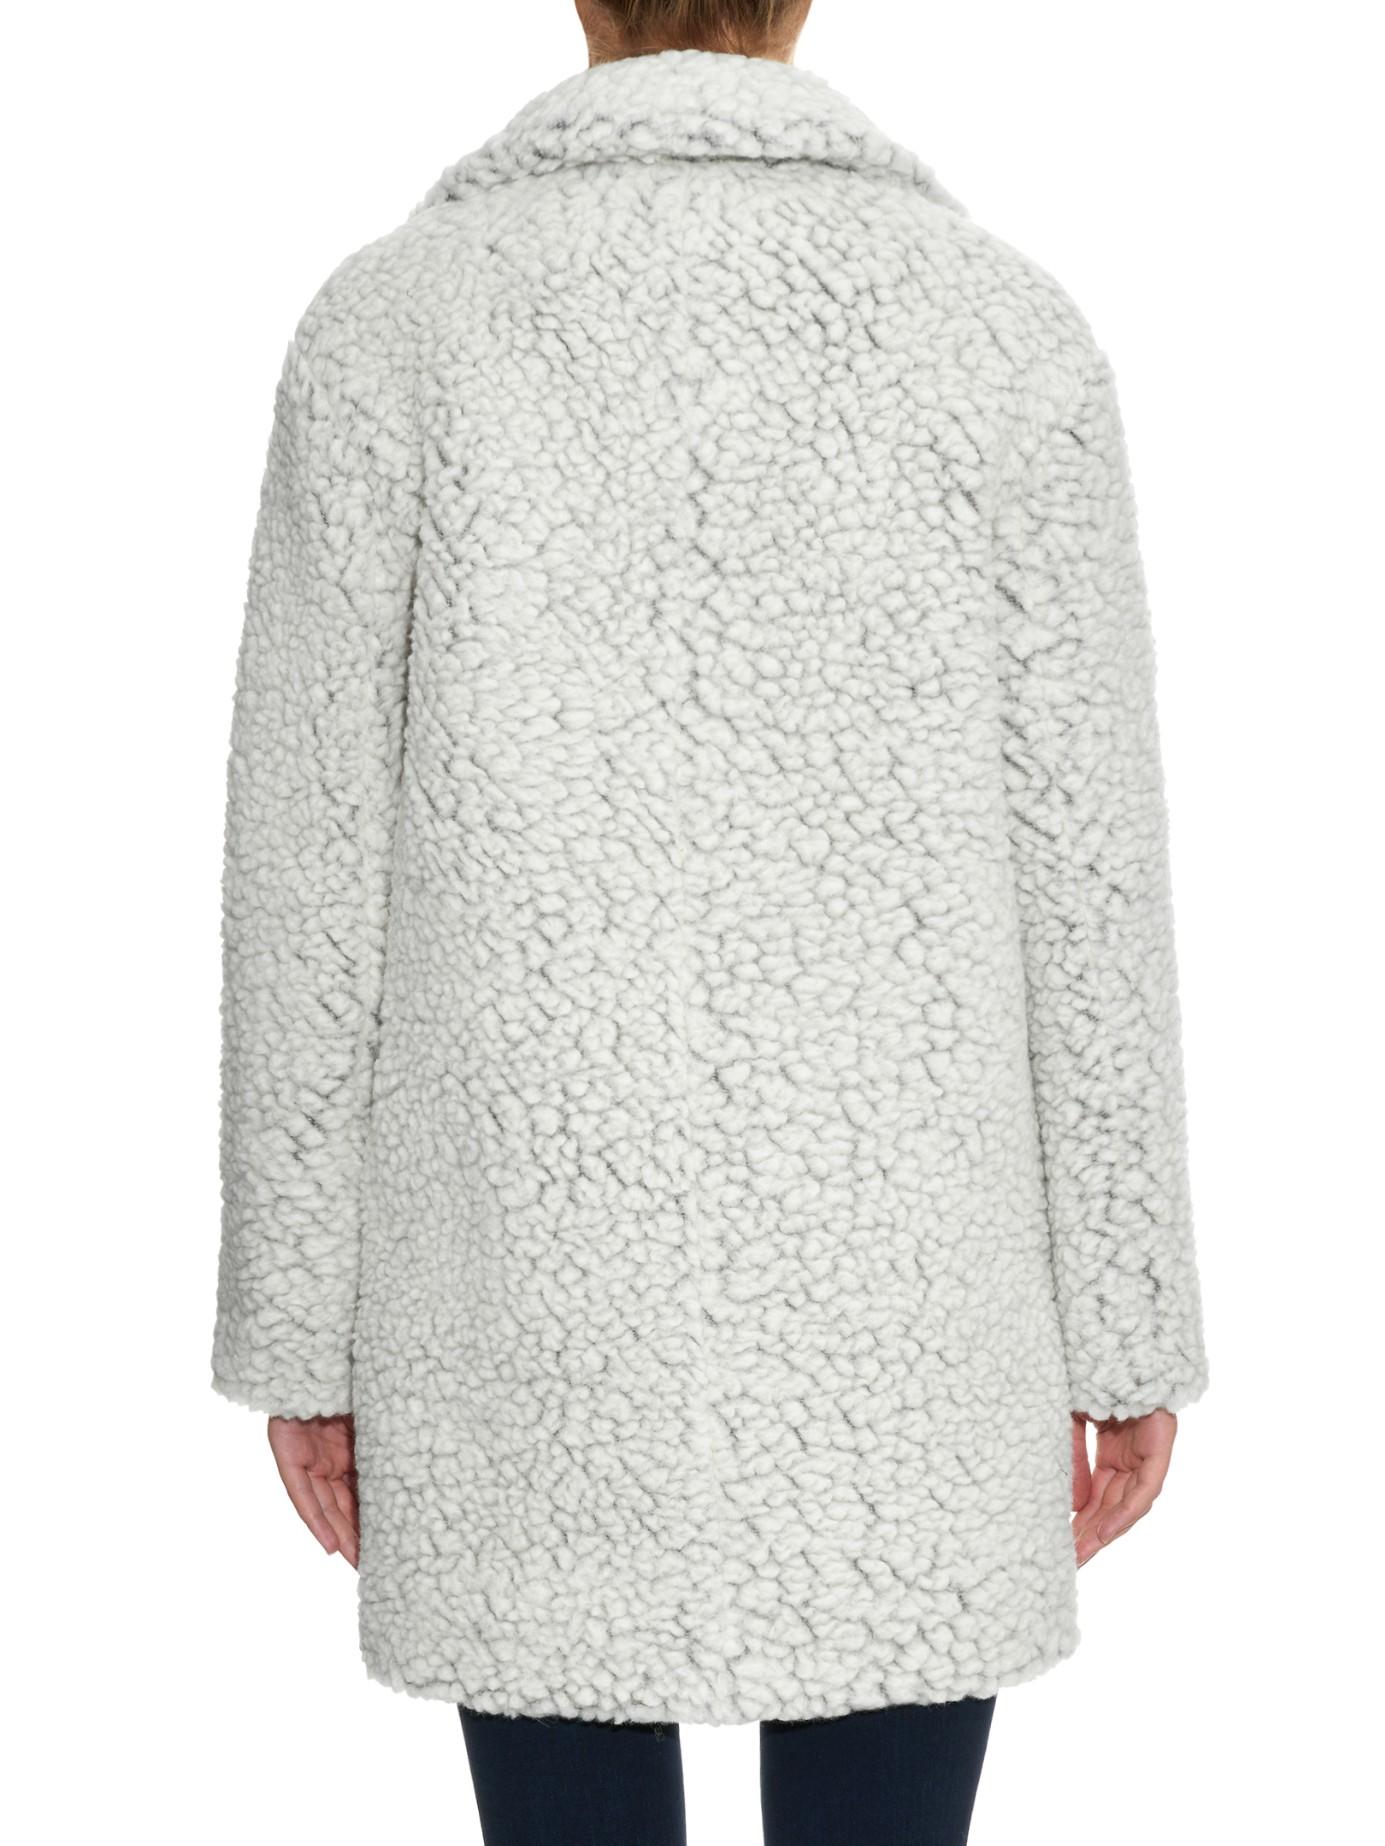 Kenzo Faux-shearling Wool-blend Coat in White | Lyst